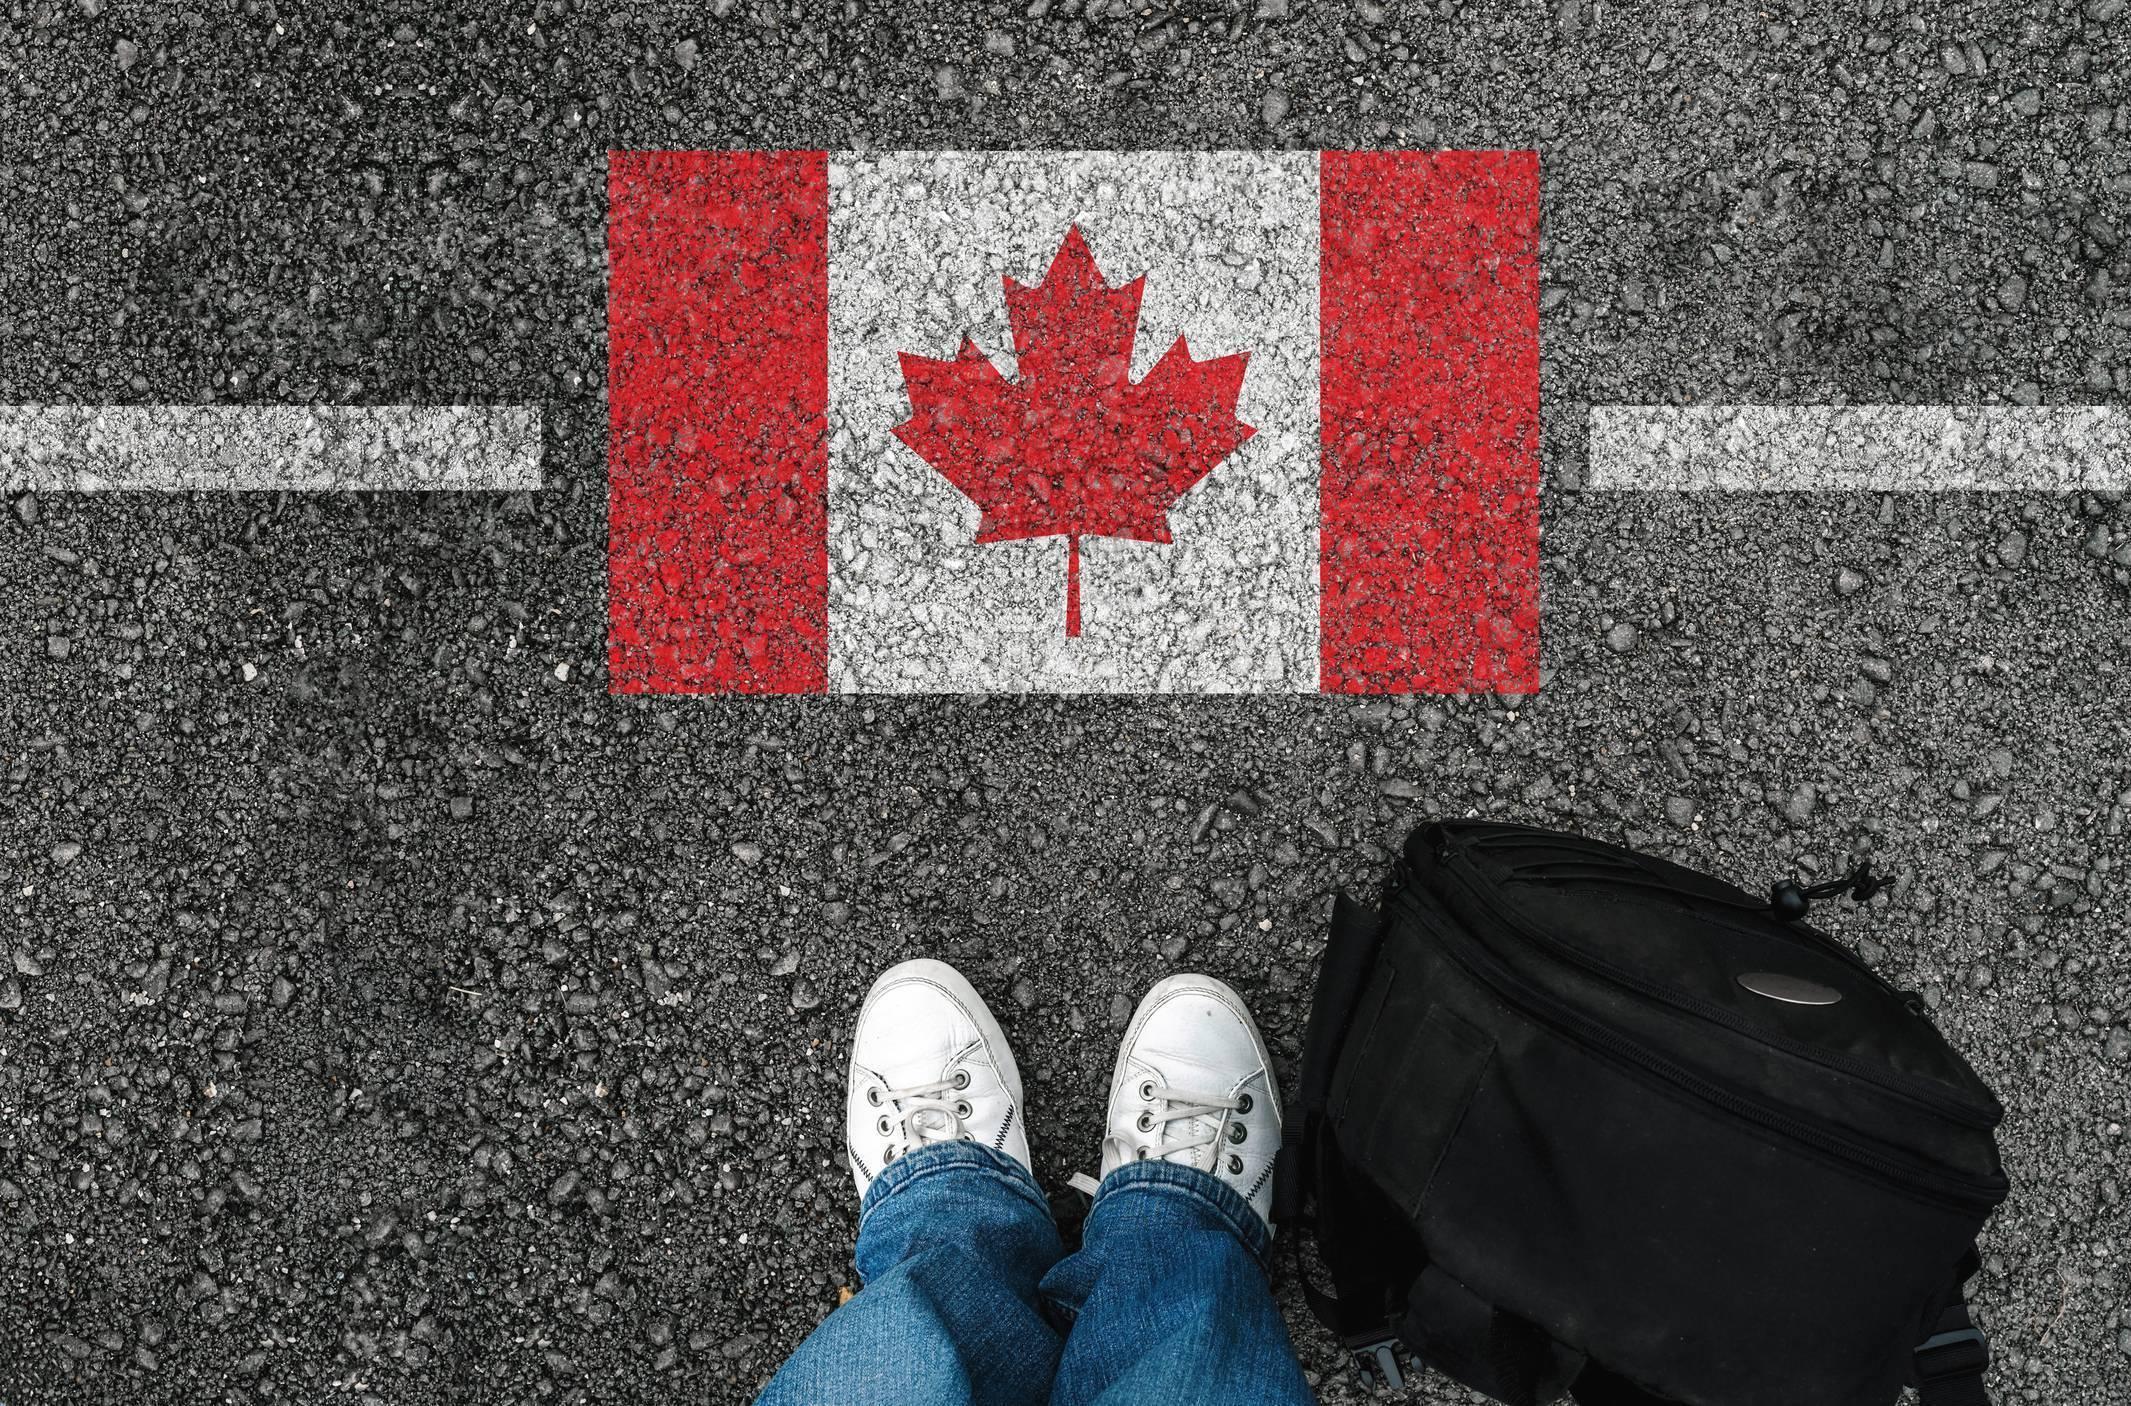 اسباب قد تمنعك من دخول كندا